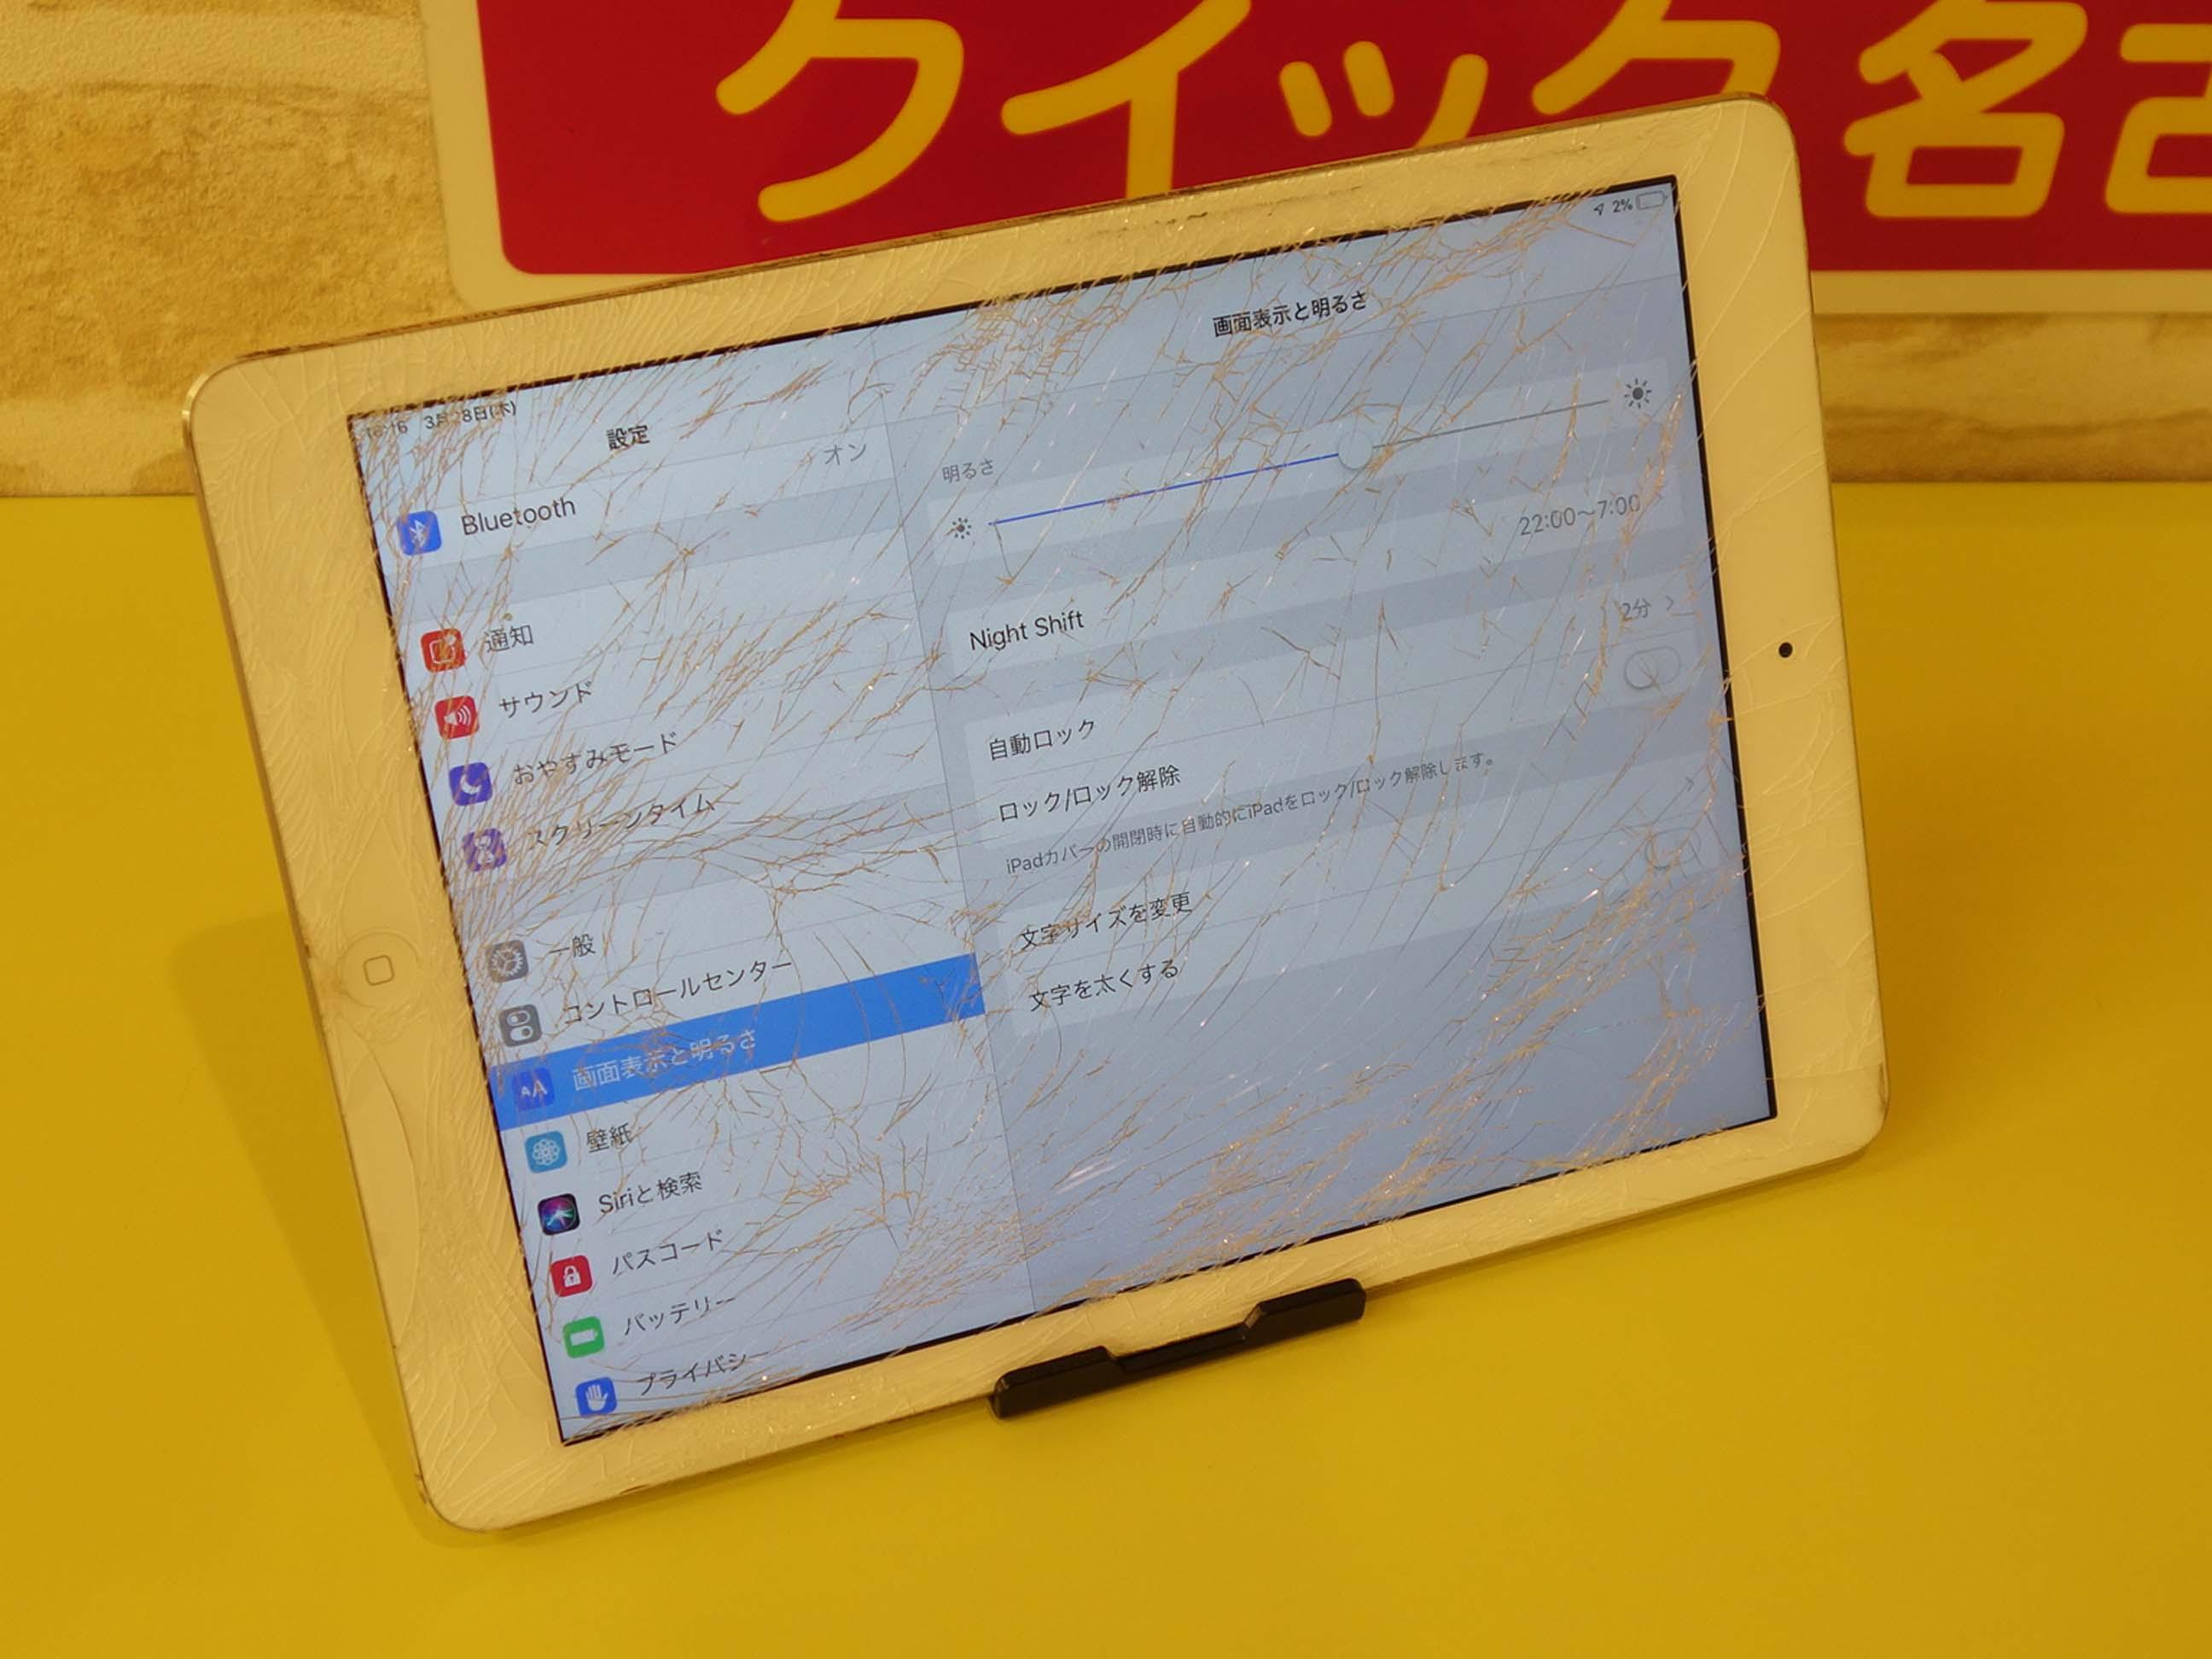 iPad Air1のガラス割れ修理に名古屋市内よりご来店!アイパッド修理のクイック名古屋